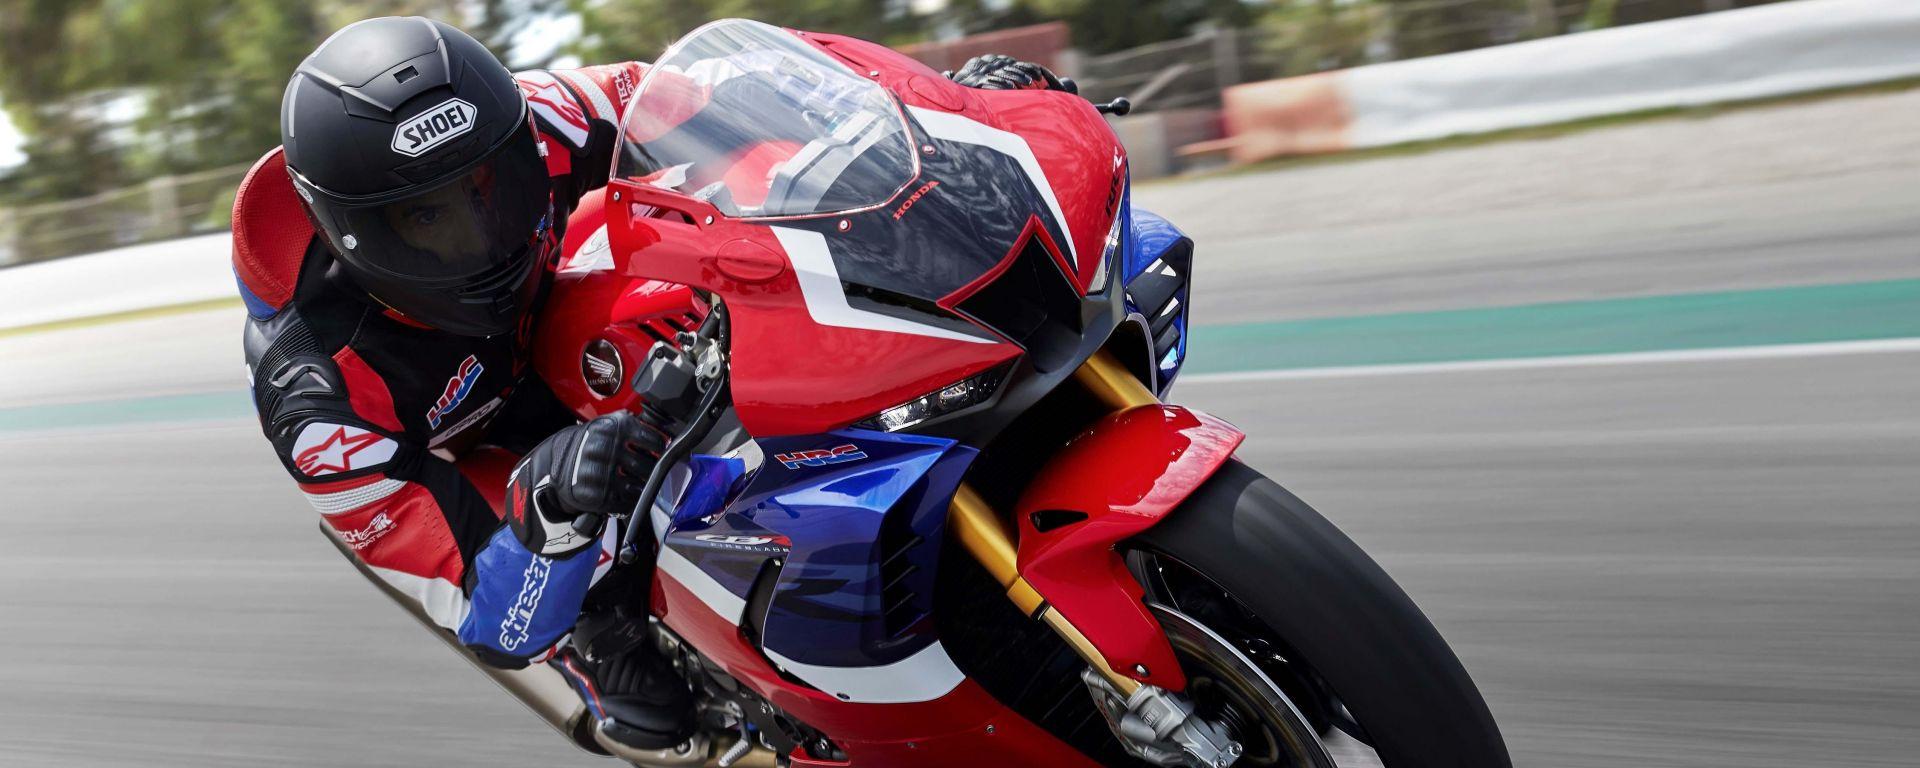 Honda CBR 1000 RR R Fireblade 2020